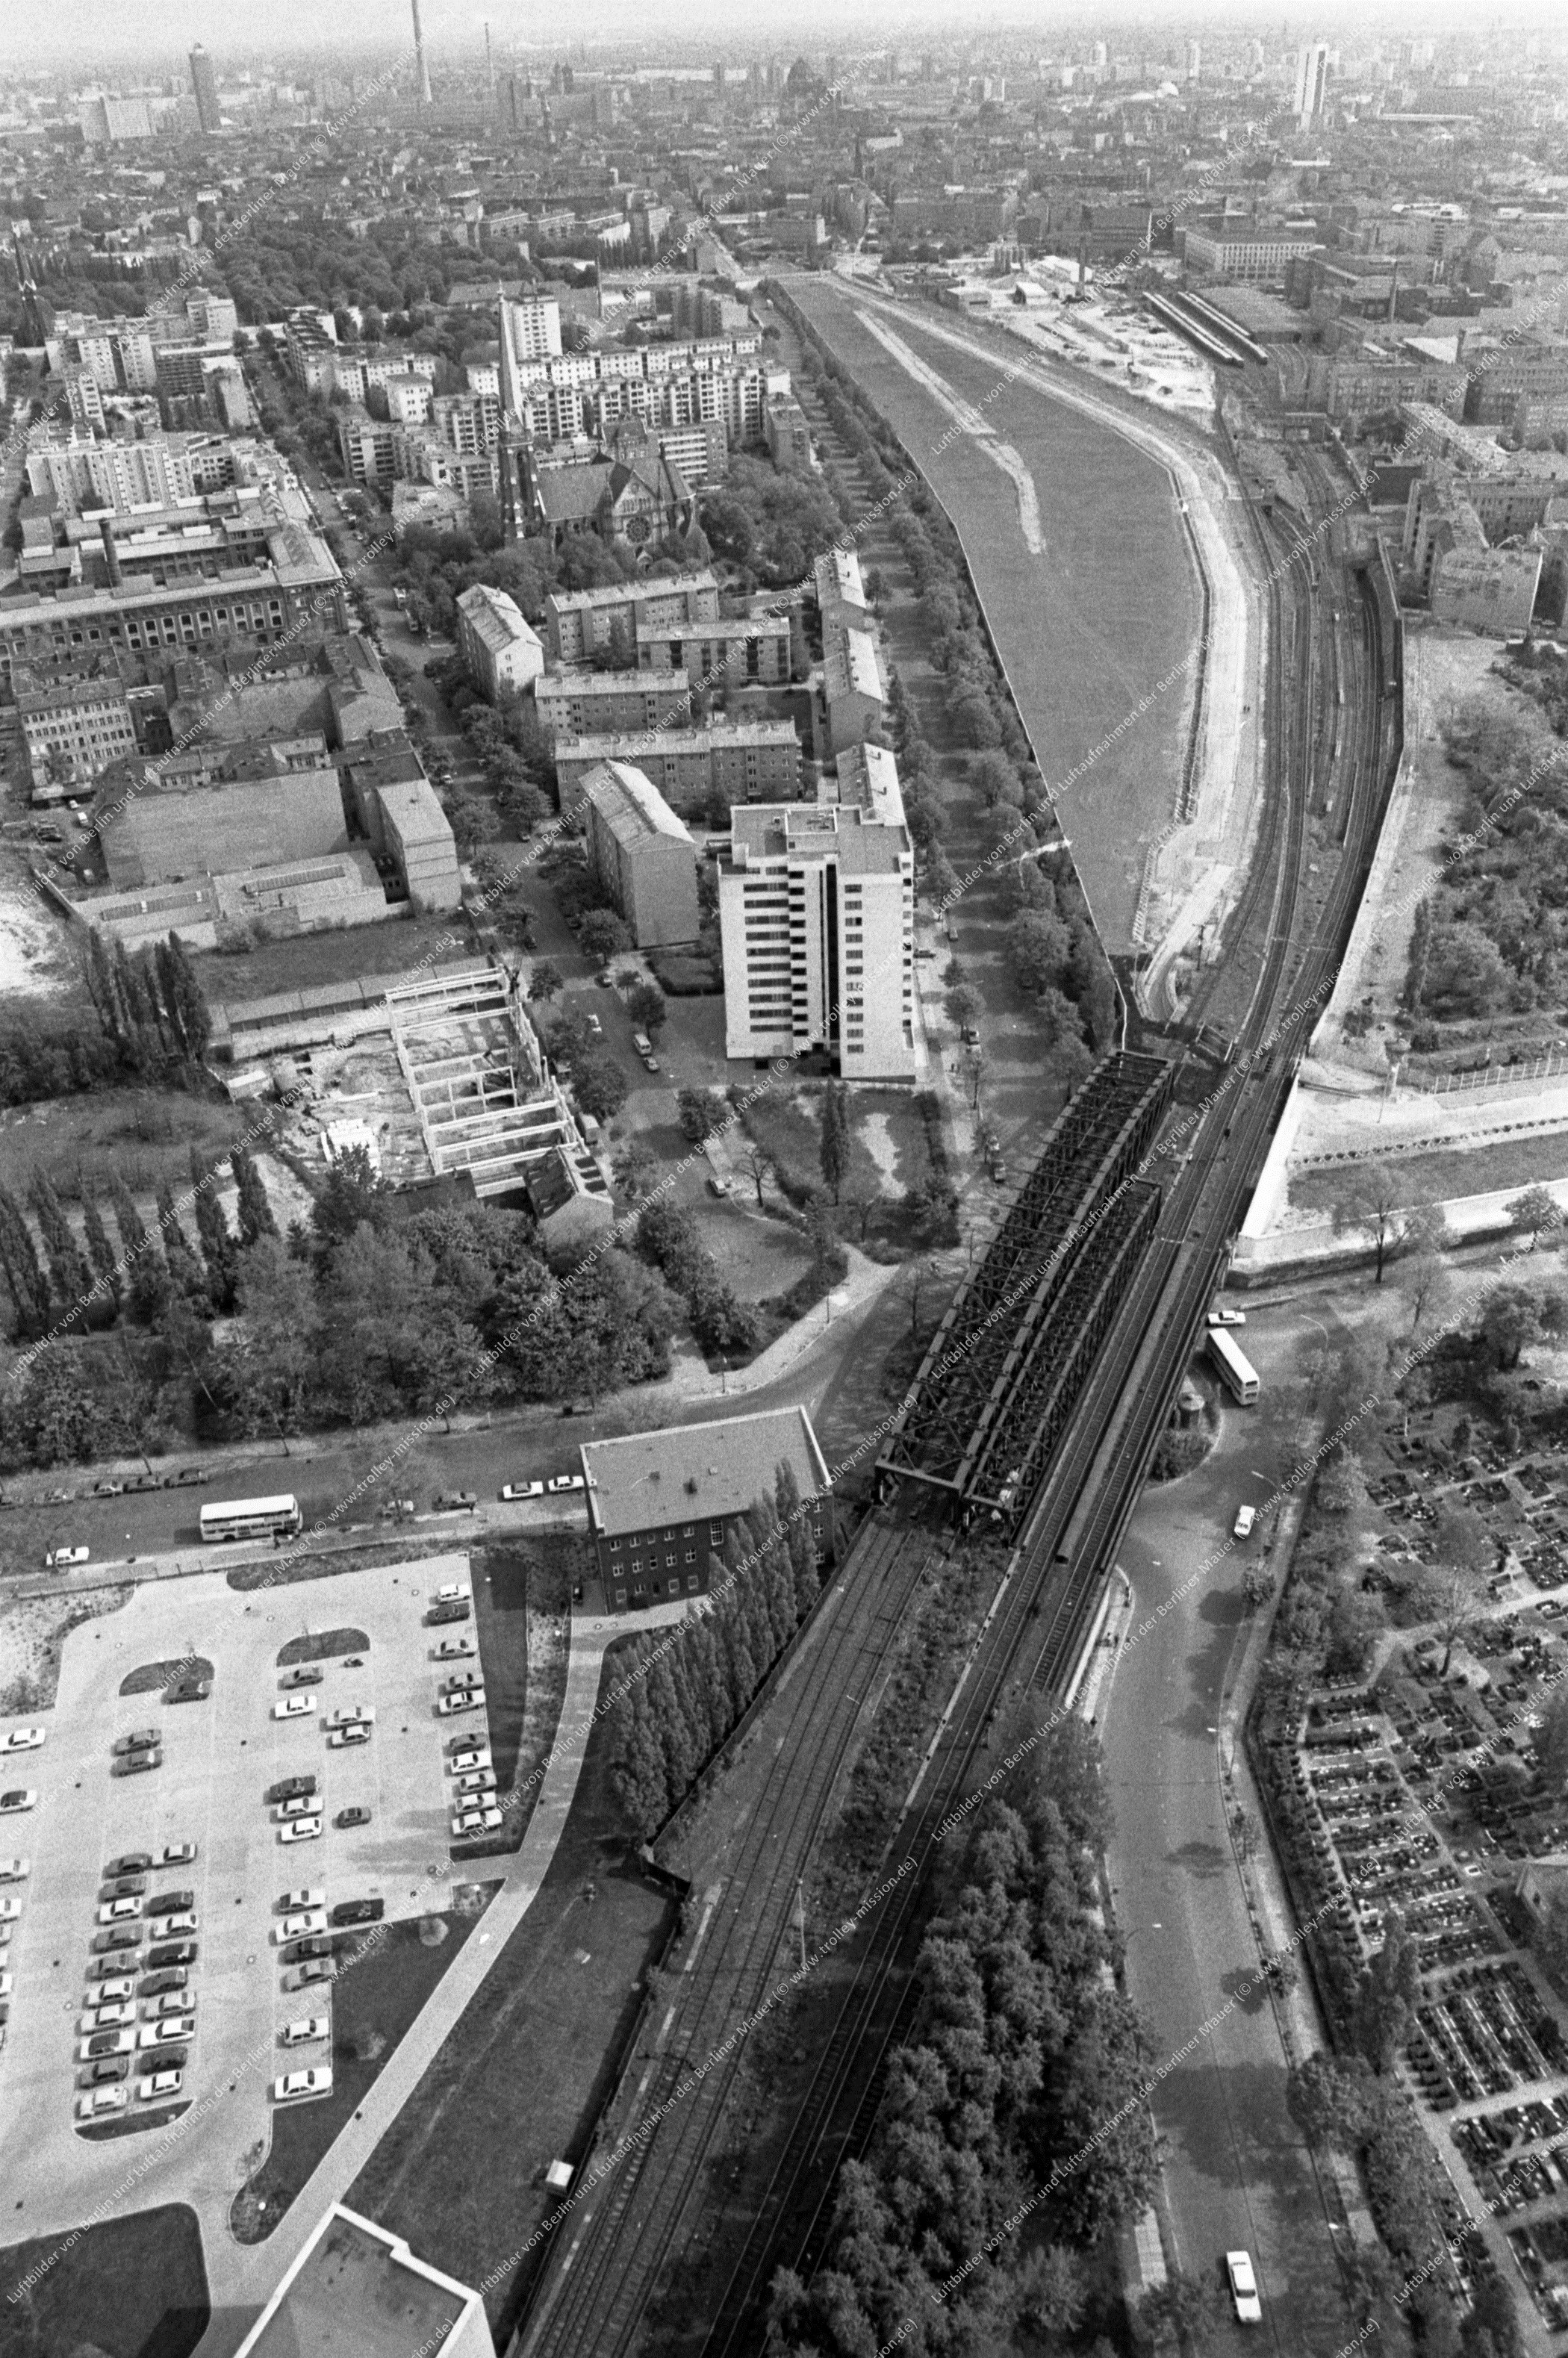 Berlin Luftbild Gartenstraße mit Liesenbrücken und Scheringstraße vom 12. Mai 1982 (Bild 089)